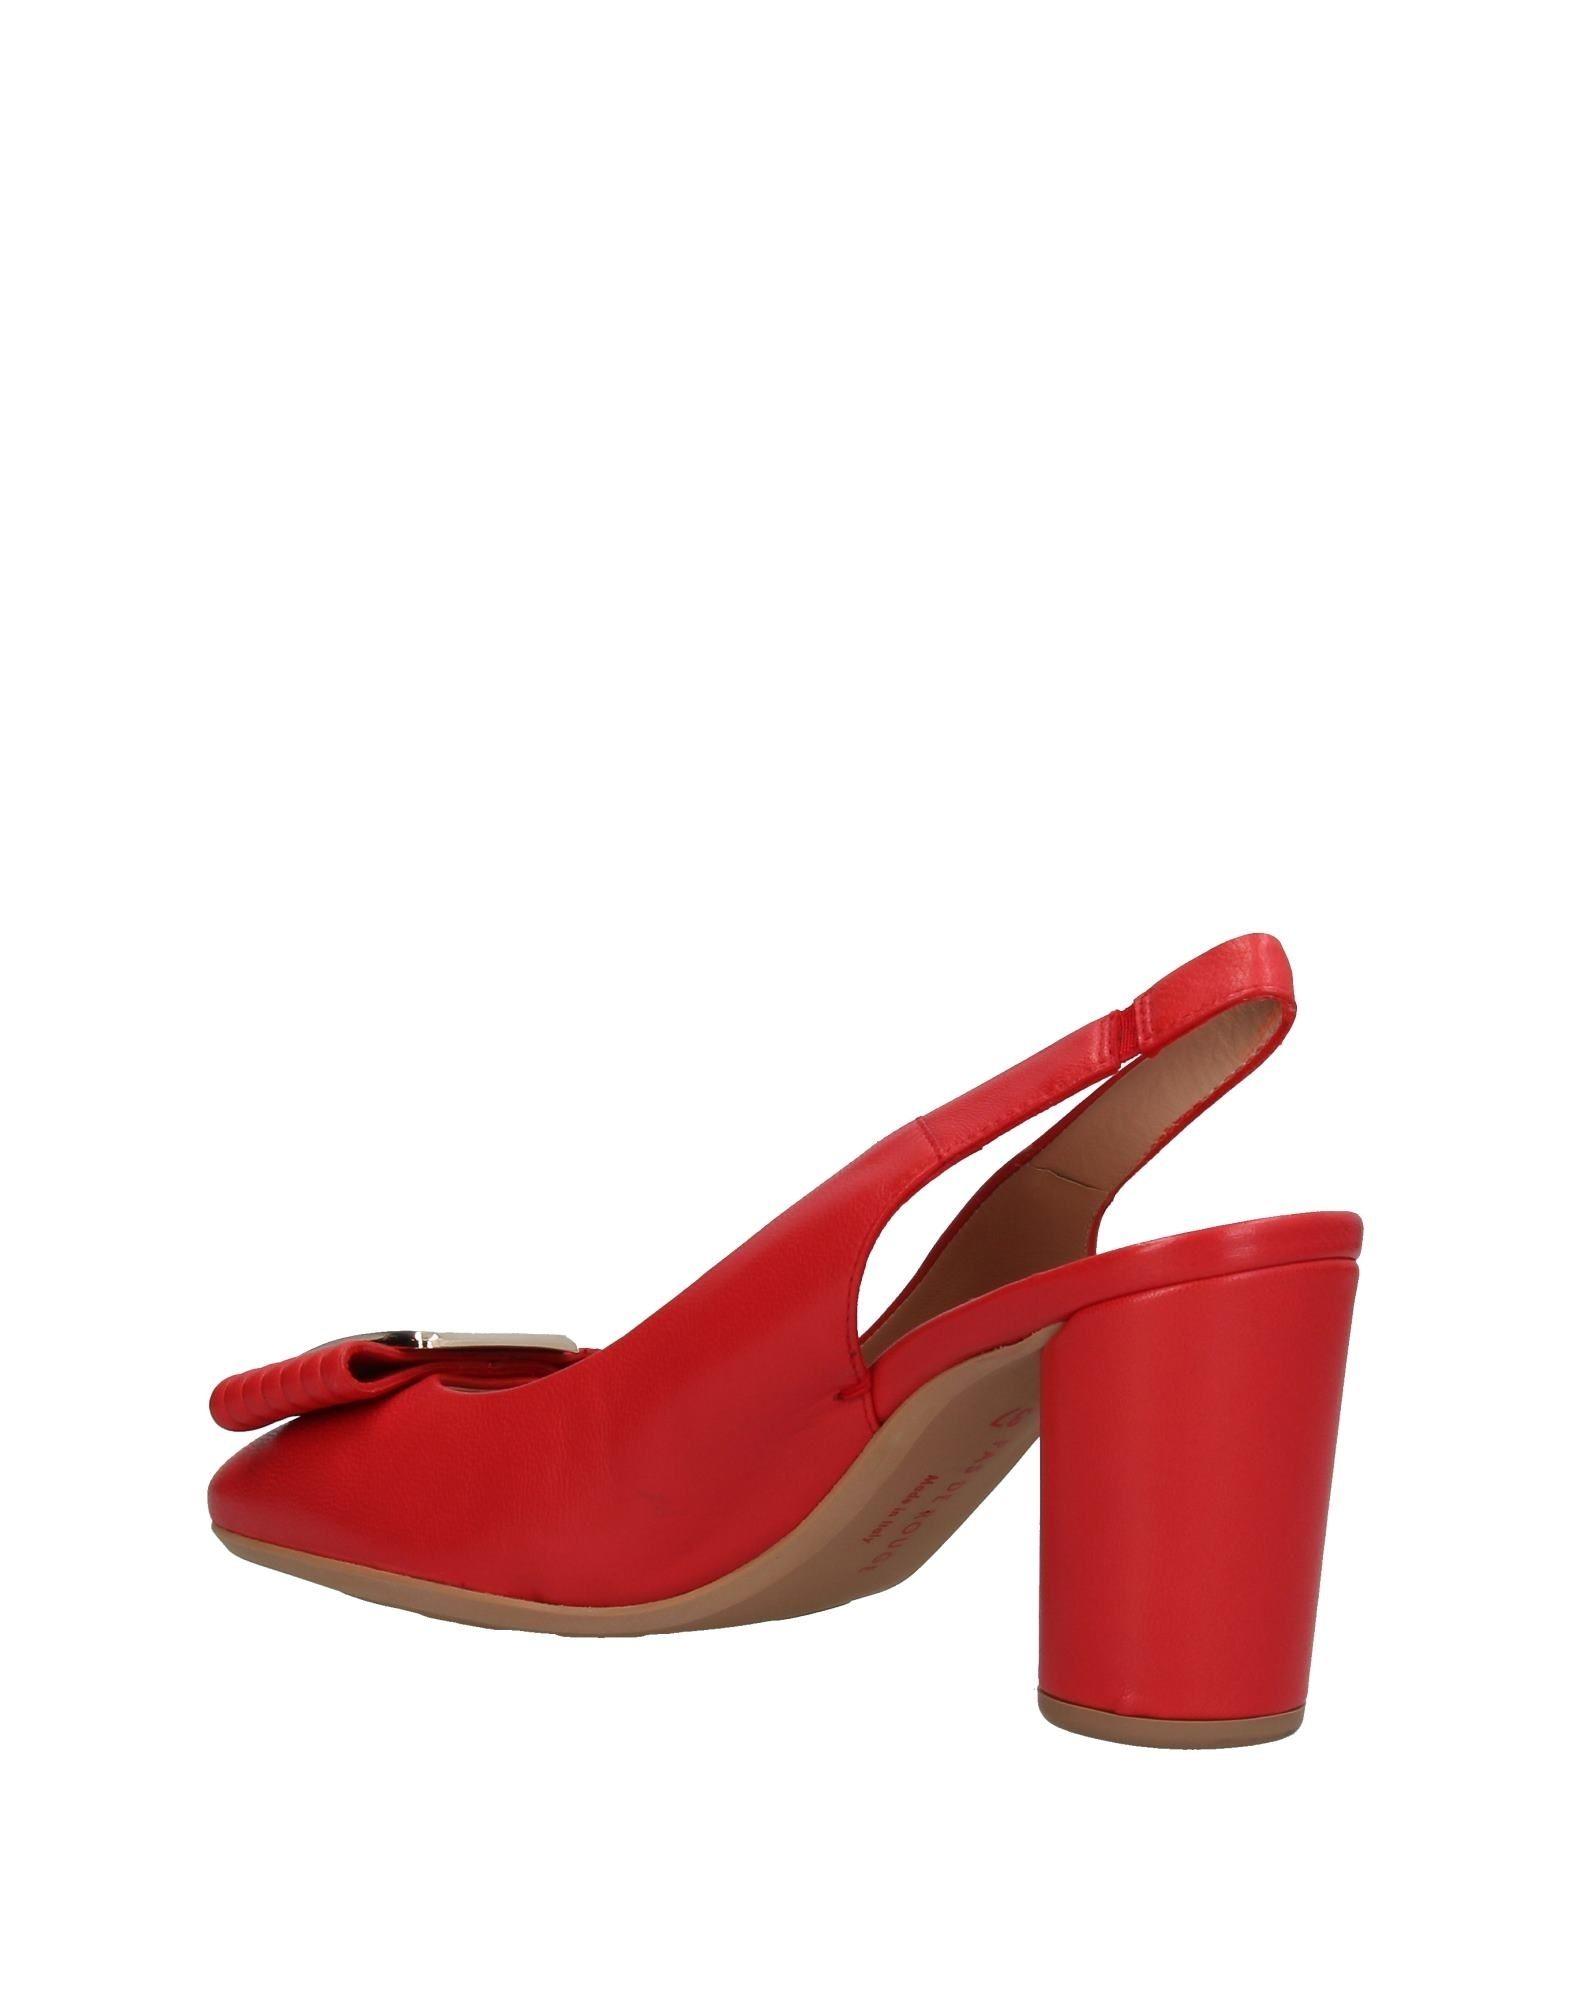 Escarpins Pas De Rouge Femme - Escarpins Pas De Rouge sur